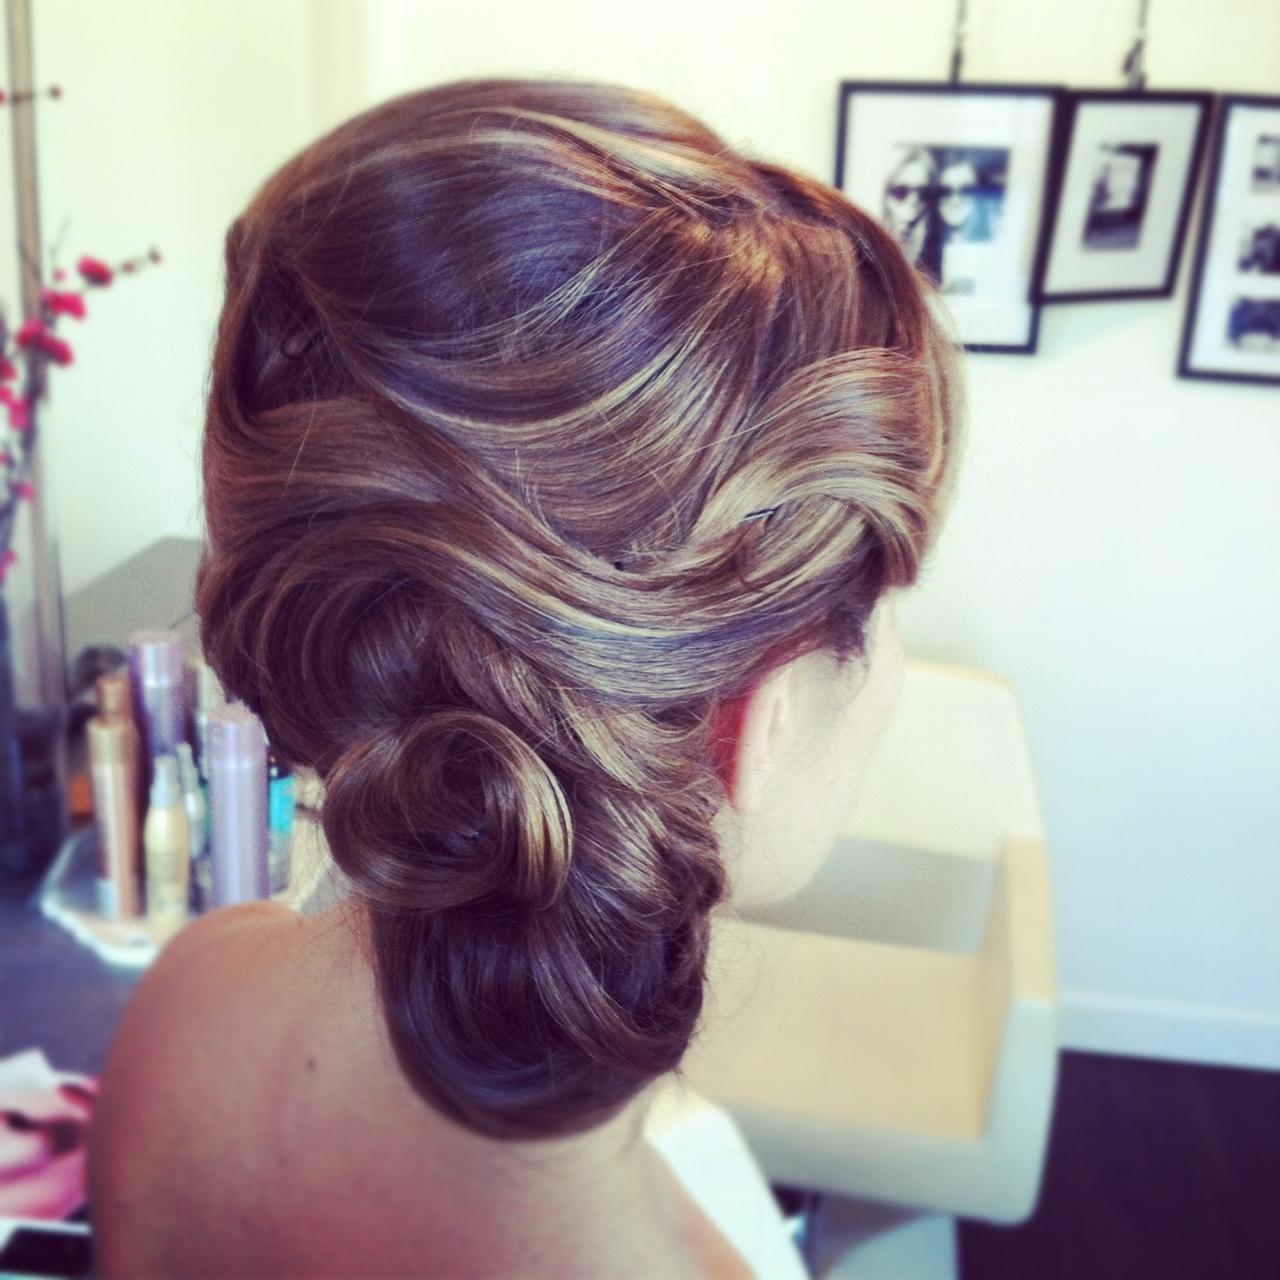 Kristin's wedding hairstyle